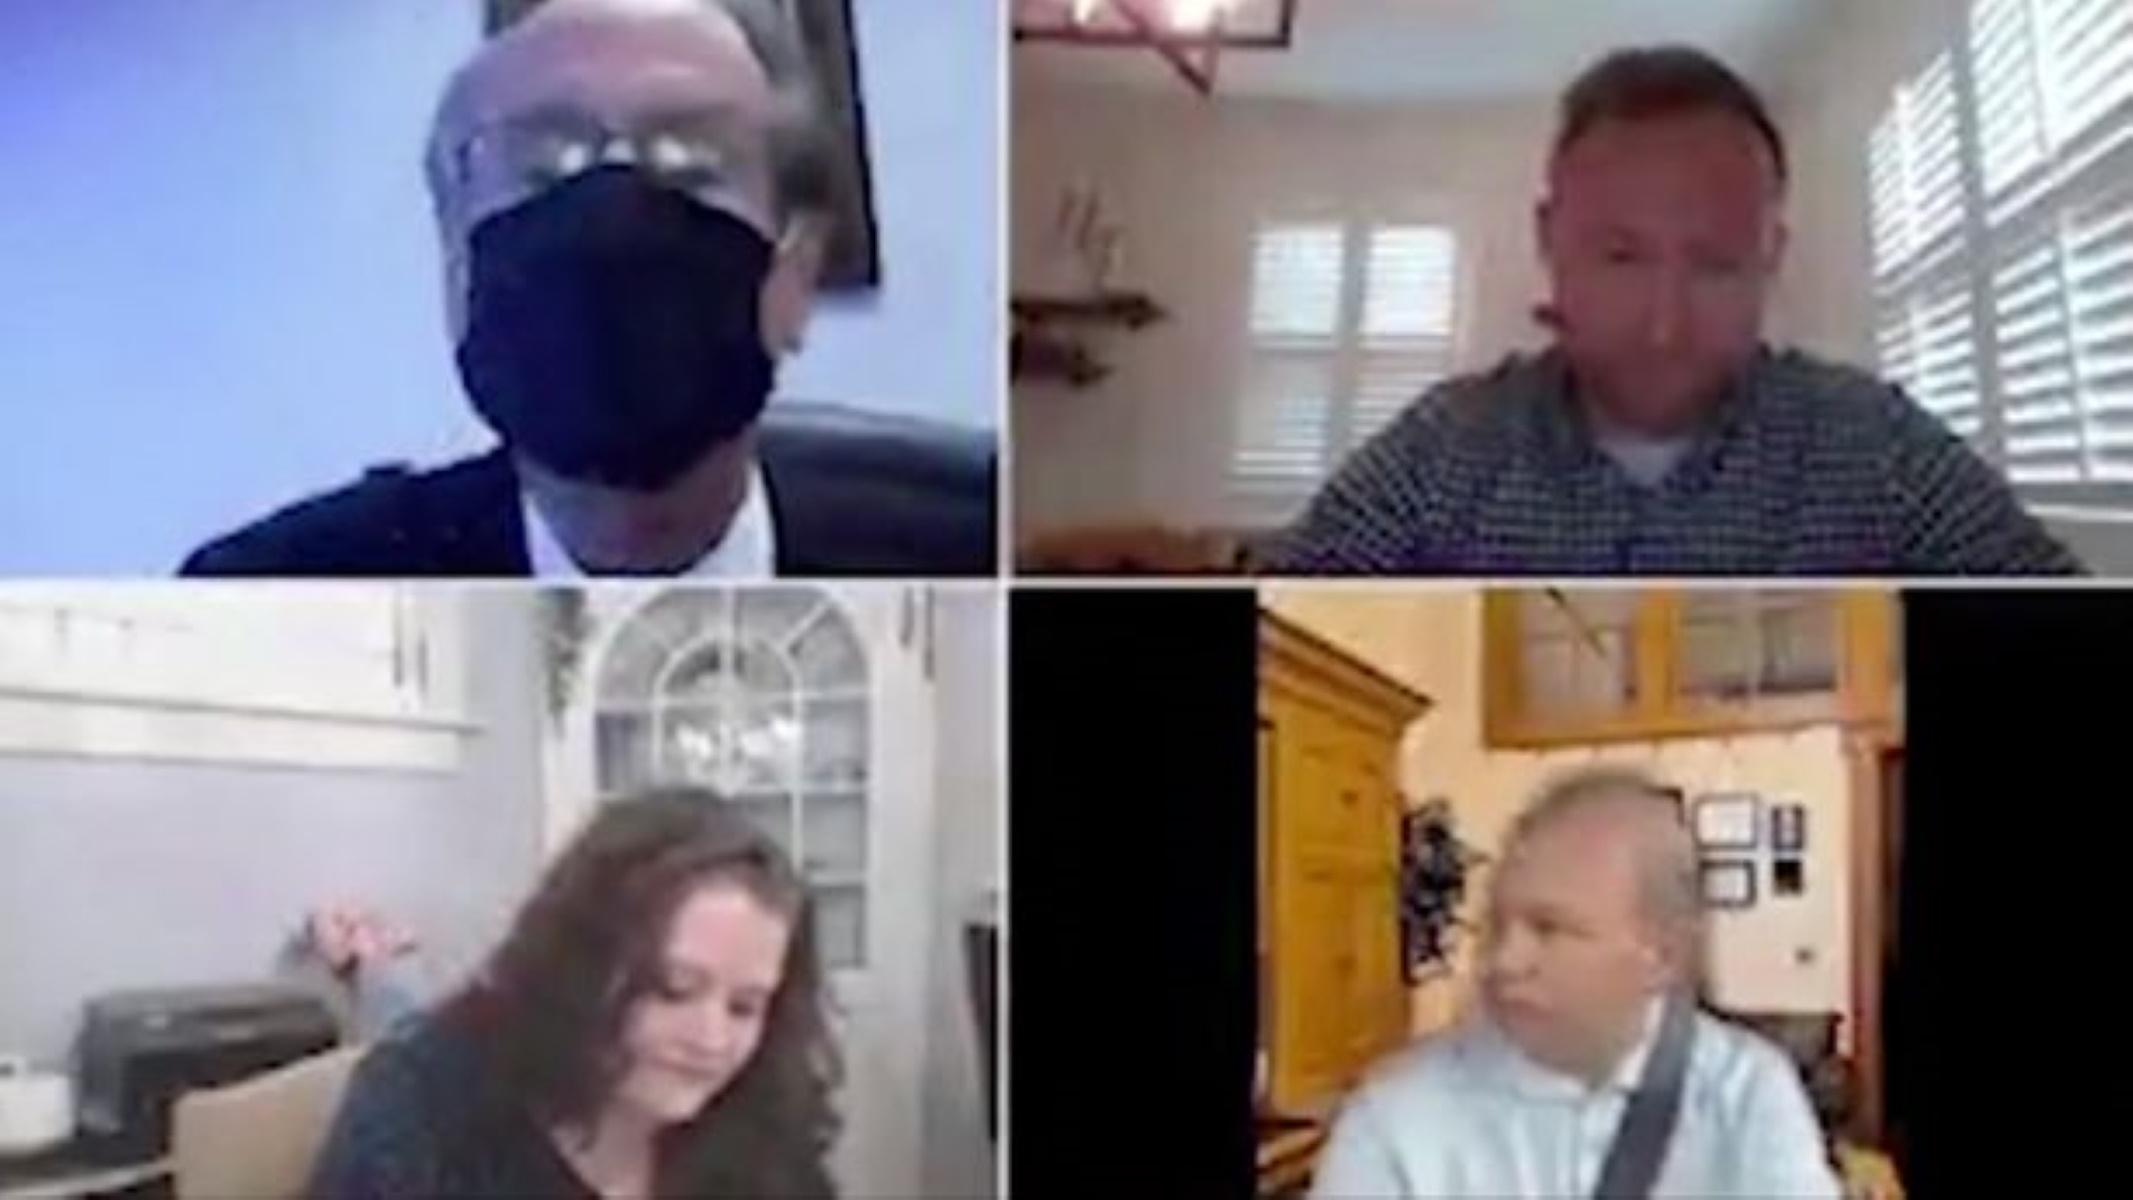 Απίστευτο zoom meeting: Γερουσιαστής βάζει ψεύτικο φόντο για να μην φανεί ότι οδηγεί (video)